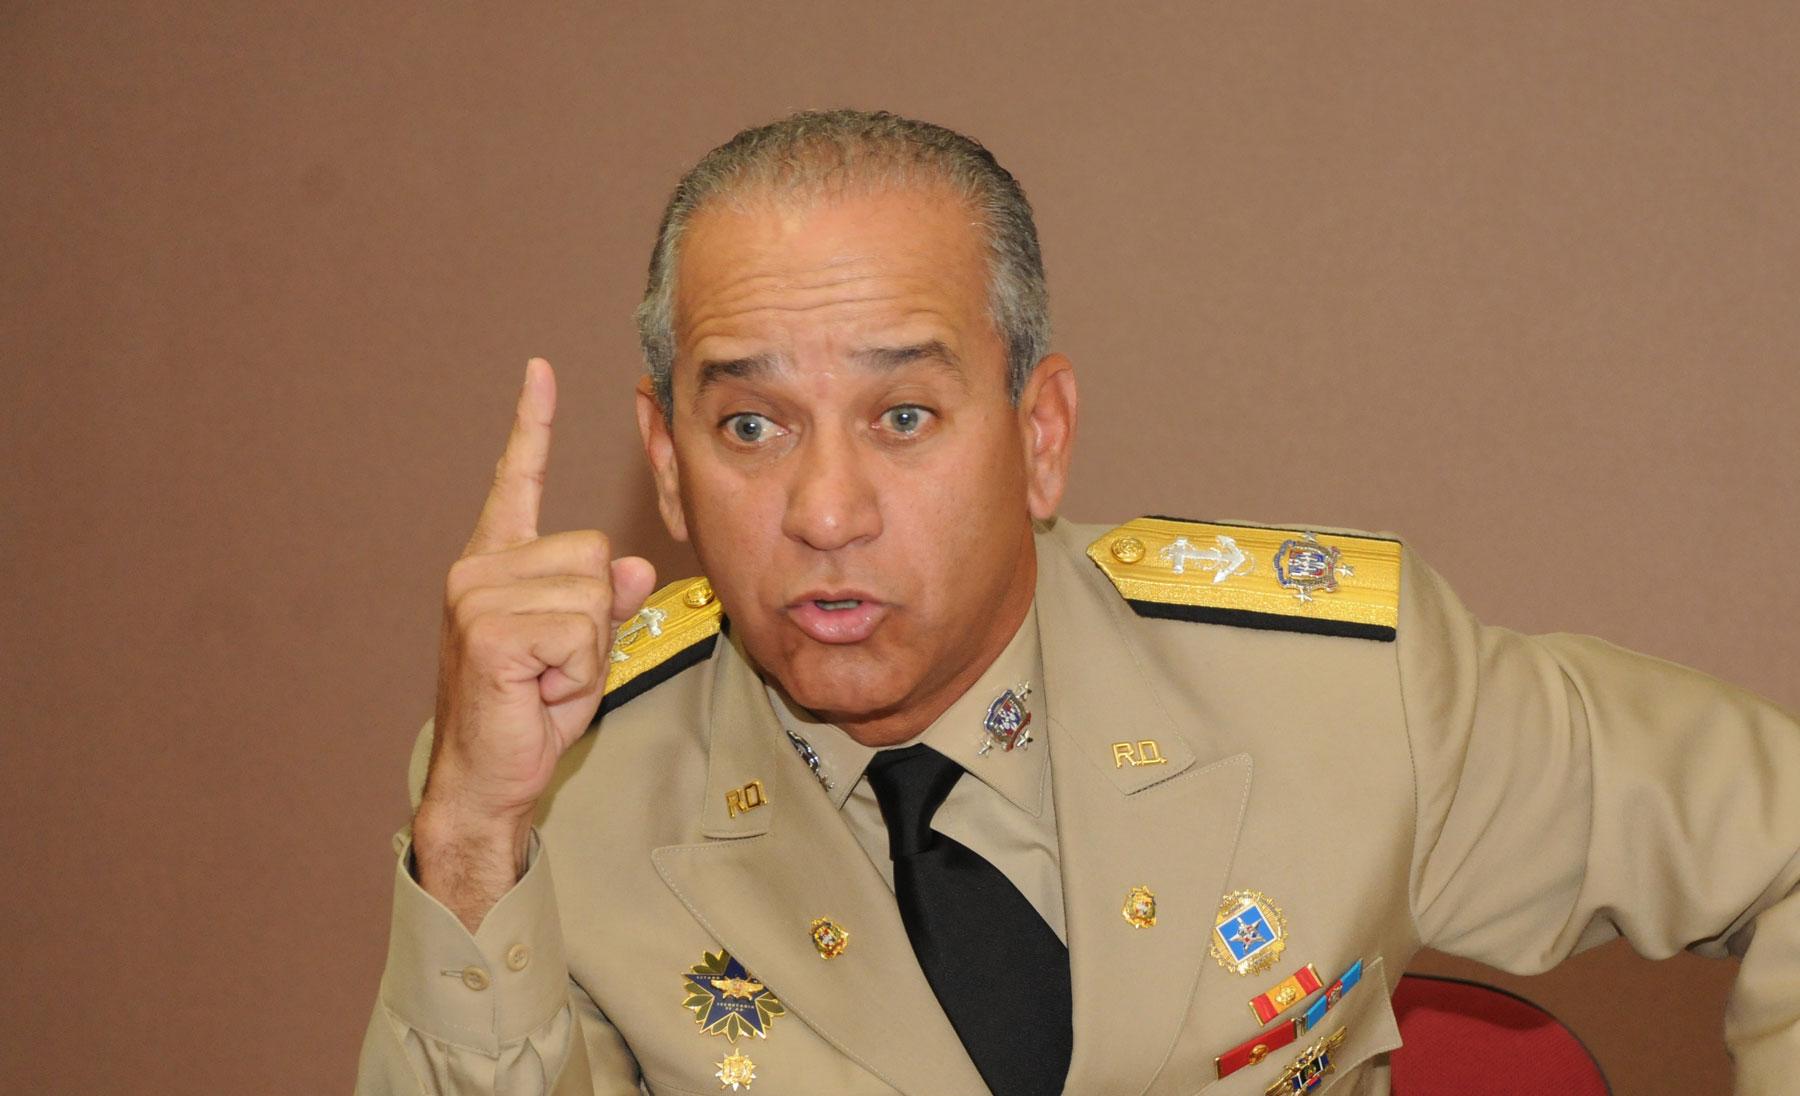 El Director Nacional de Investigaciones (DNI), almirante retirado Sigfrido Pared Pérez